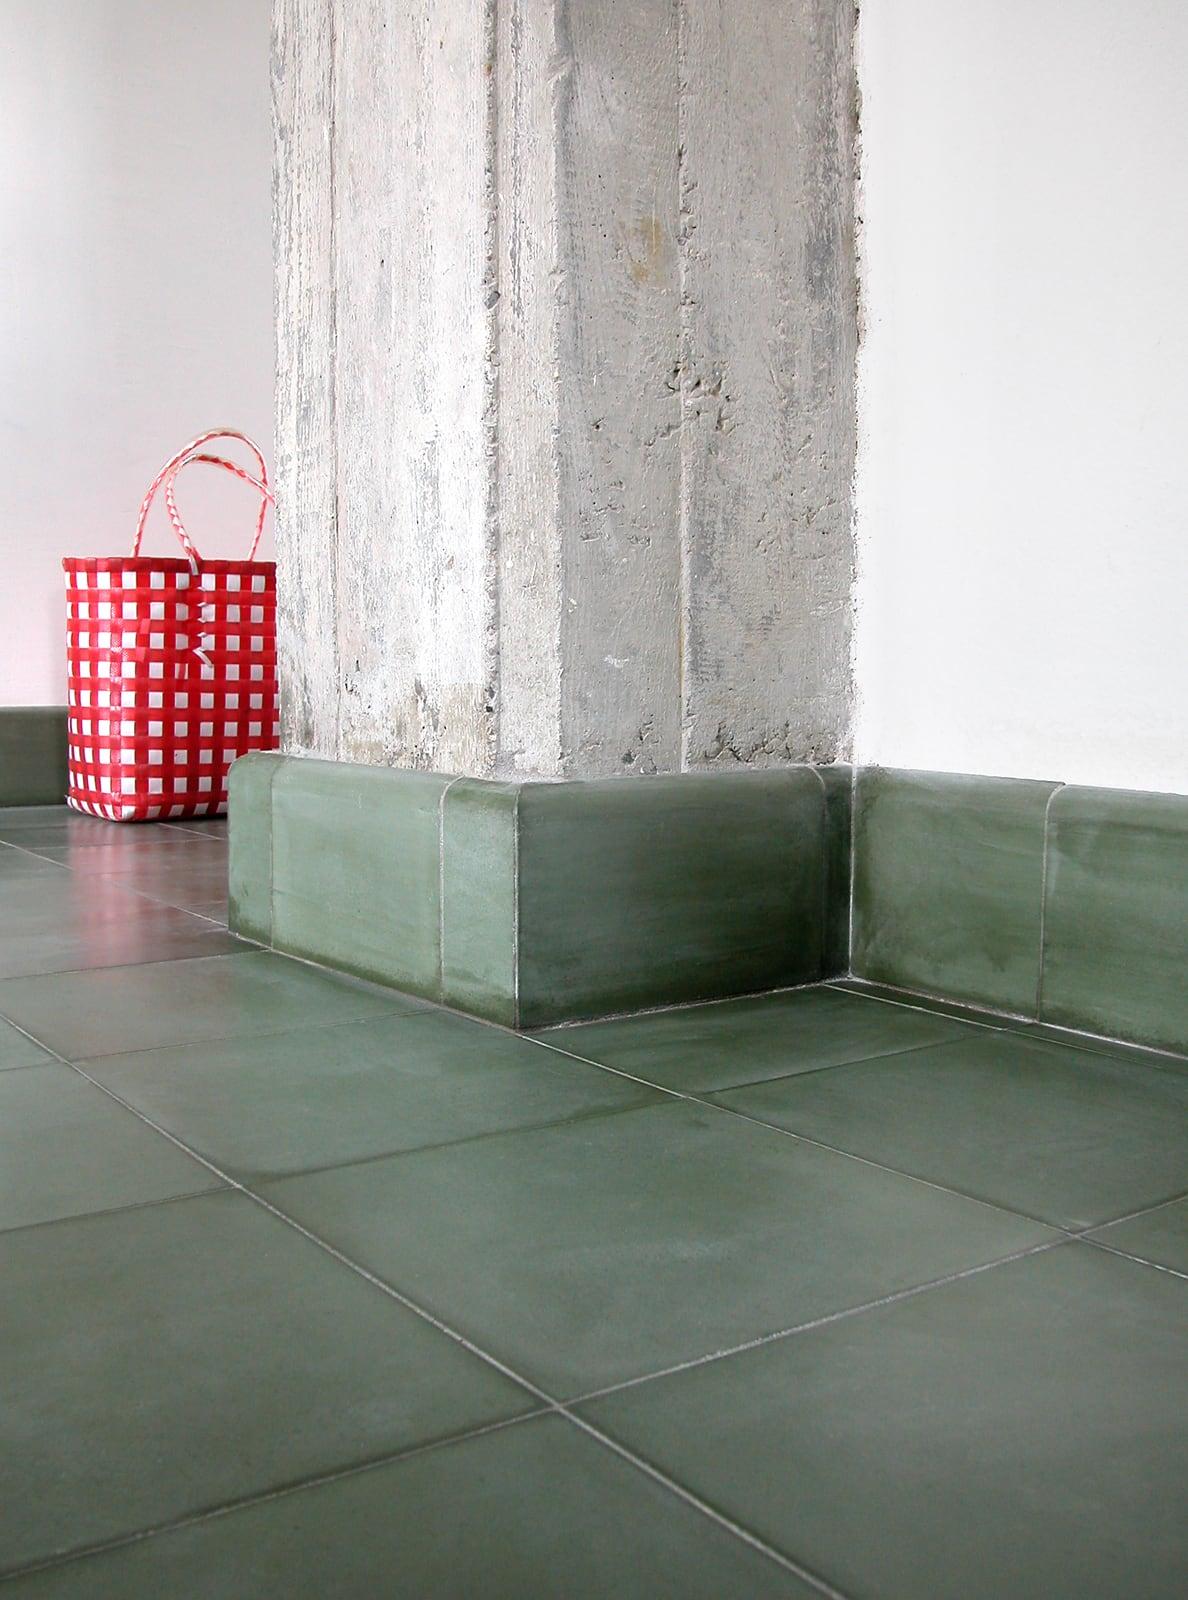 zementfliesen-terrazzofliesen-kreidefarbe-terrazzo-fugenlos-viaplatten-53-sockel | 53